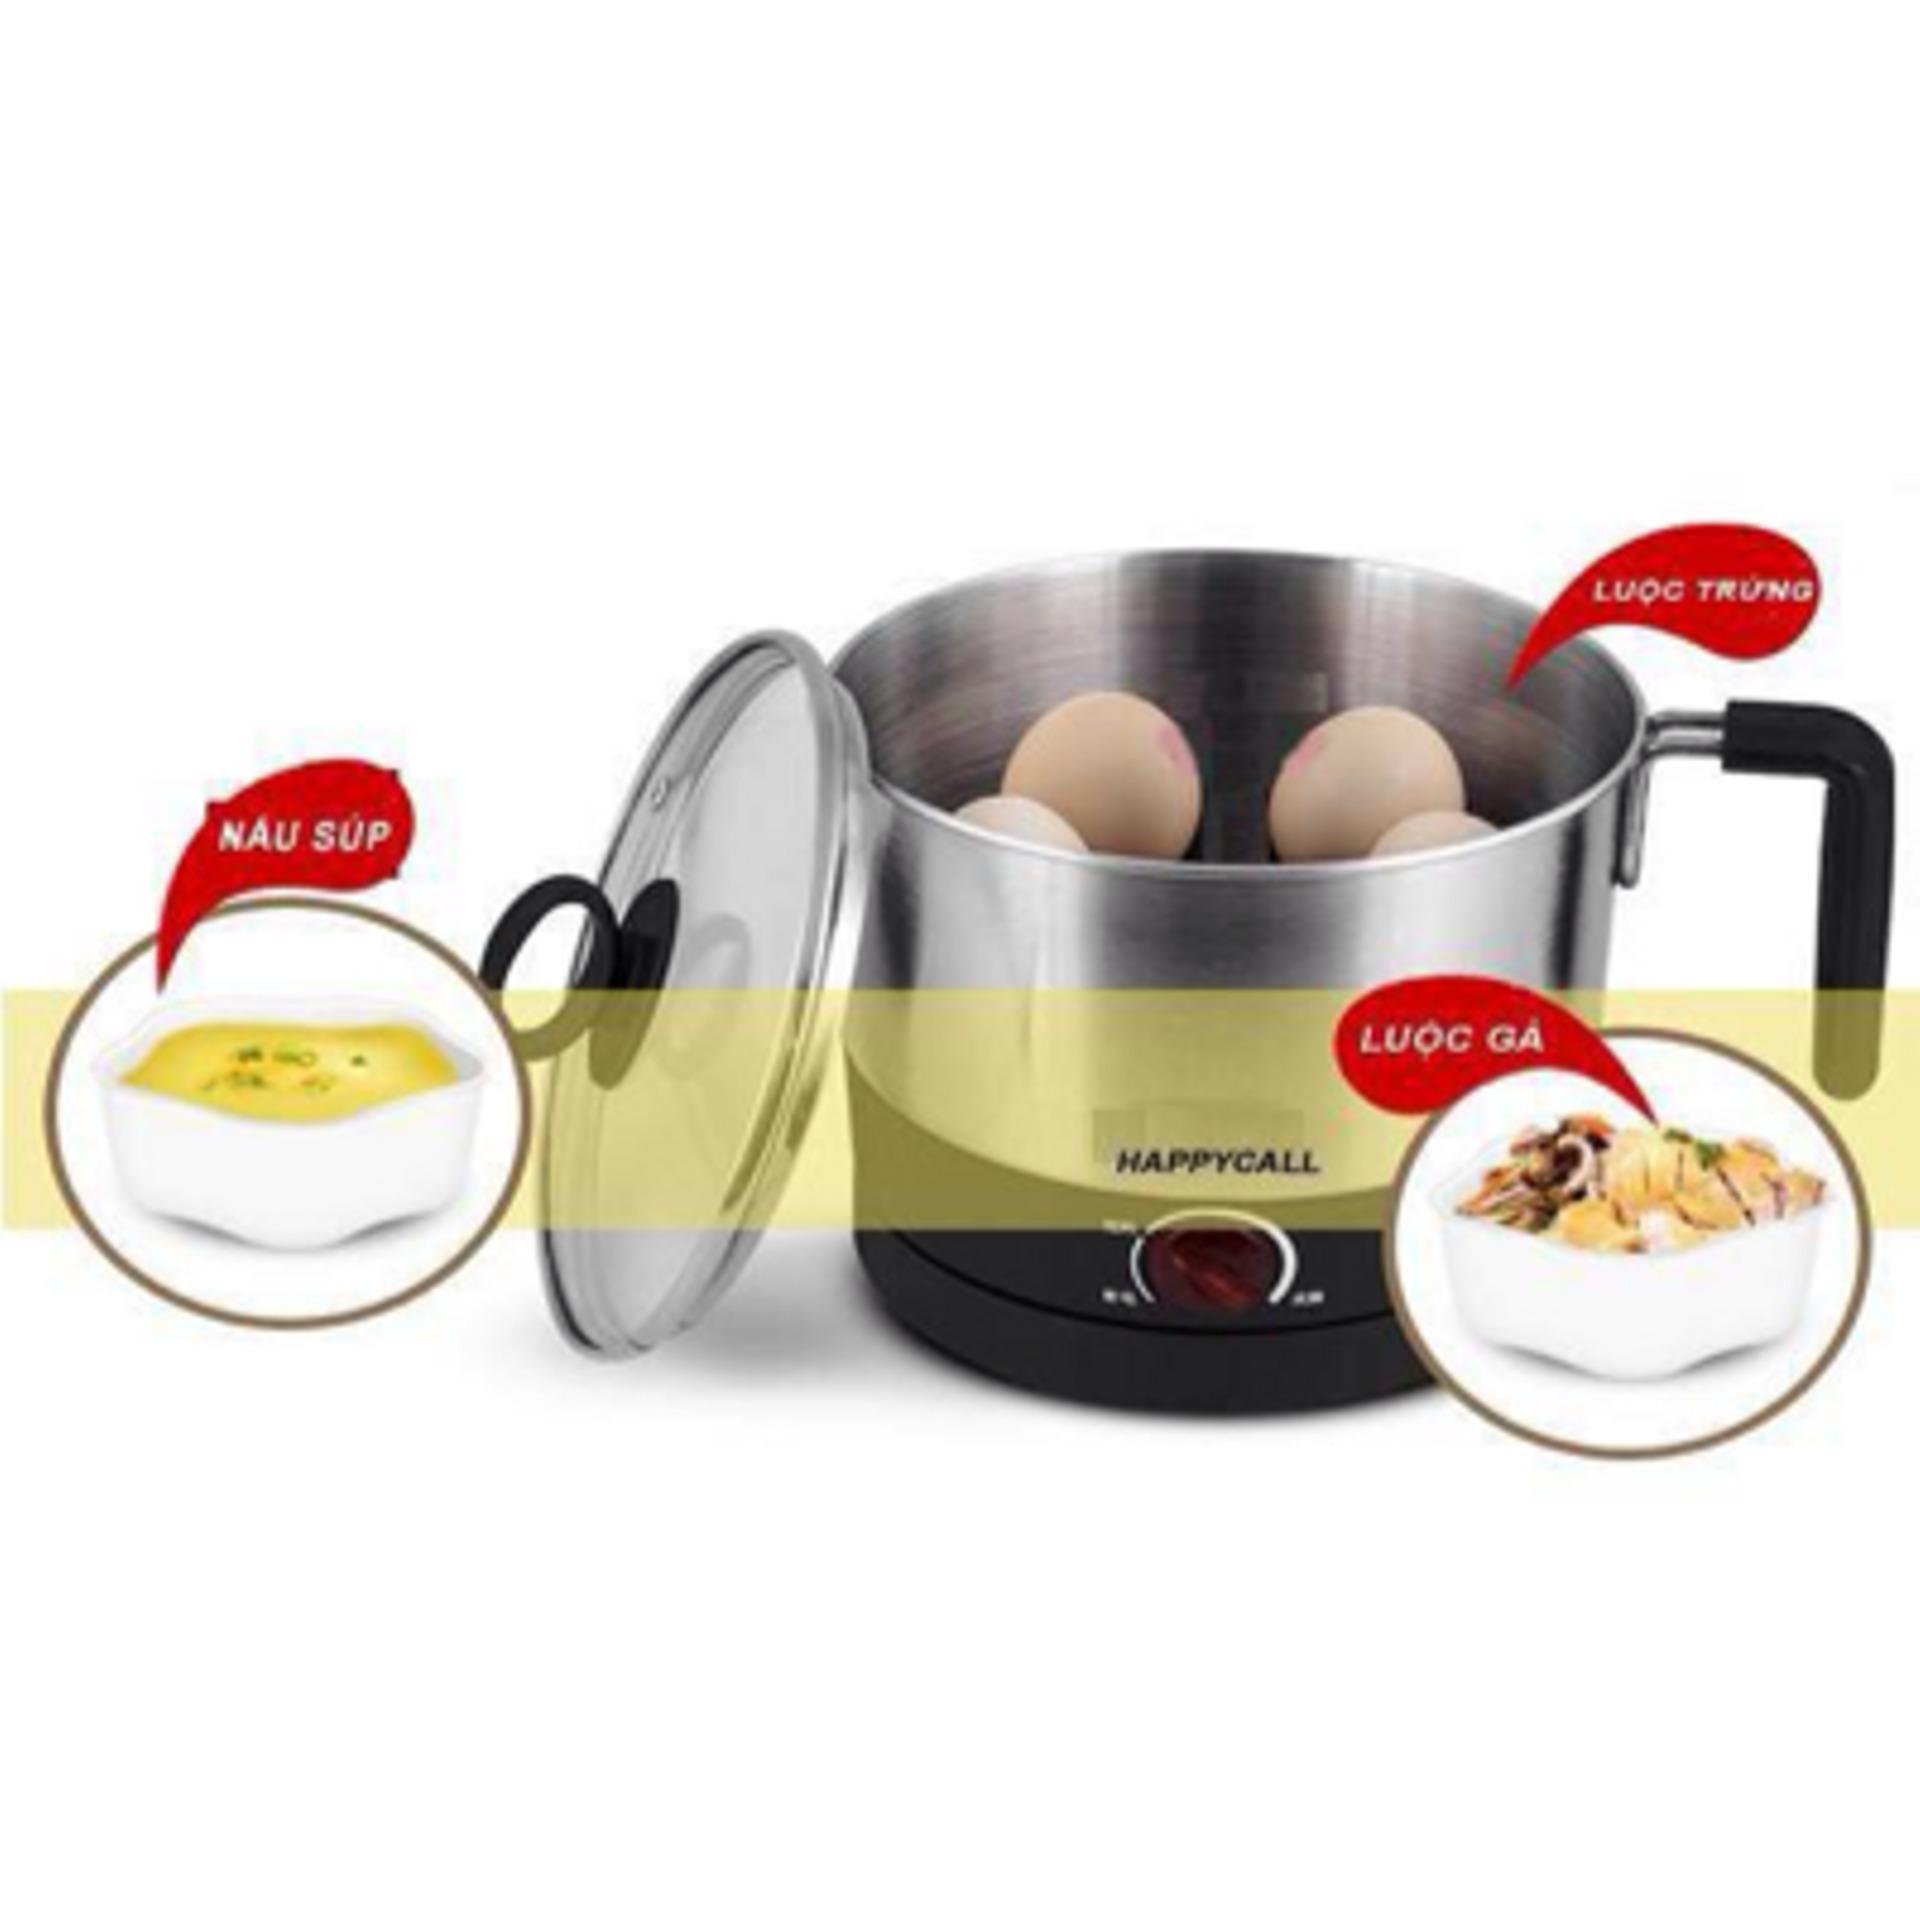 Noi Com Dien Da Nang Cua Nhat Ca Nấu Mì Đa Năng Hàn Quốc Happycall Bks 999(Nấu Nước + Đun Mì + Nấu Lẩu + Chiên Rán+ Luộc Trứng) Tiện Lợi Cho Mọi Gia Đình